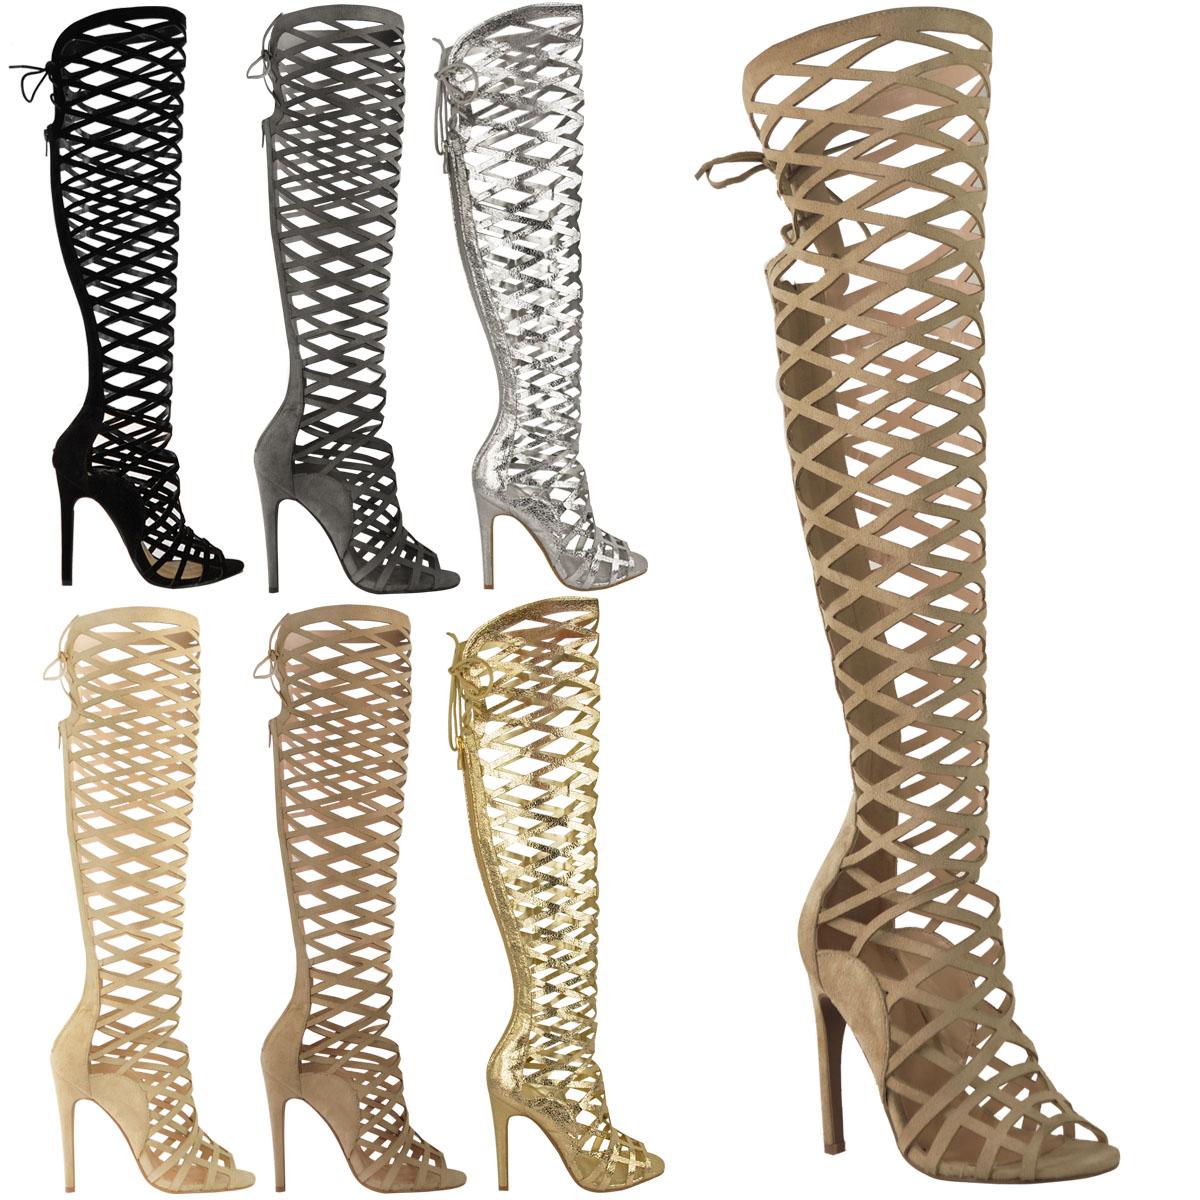 damen ausgeschnittenen spitzen heel kniehohe stiefel gladiator sandalen riemchen ebay. Black Bedroom Furniture Sets. Home Design Ideas